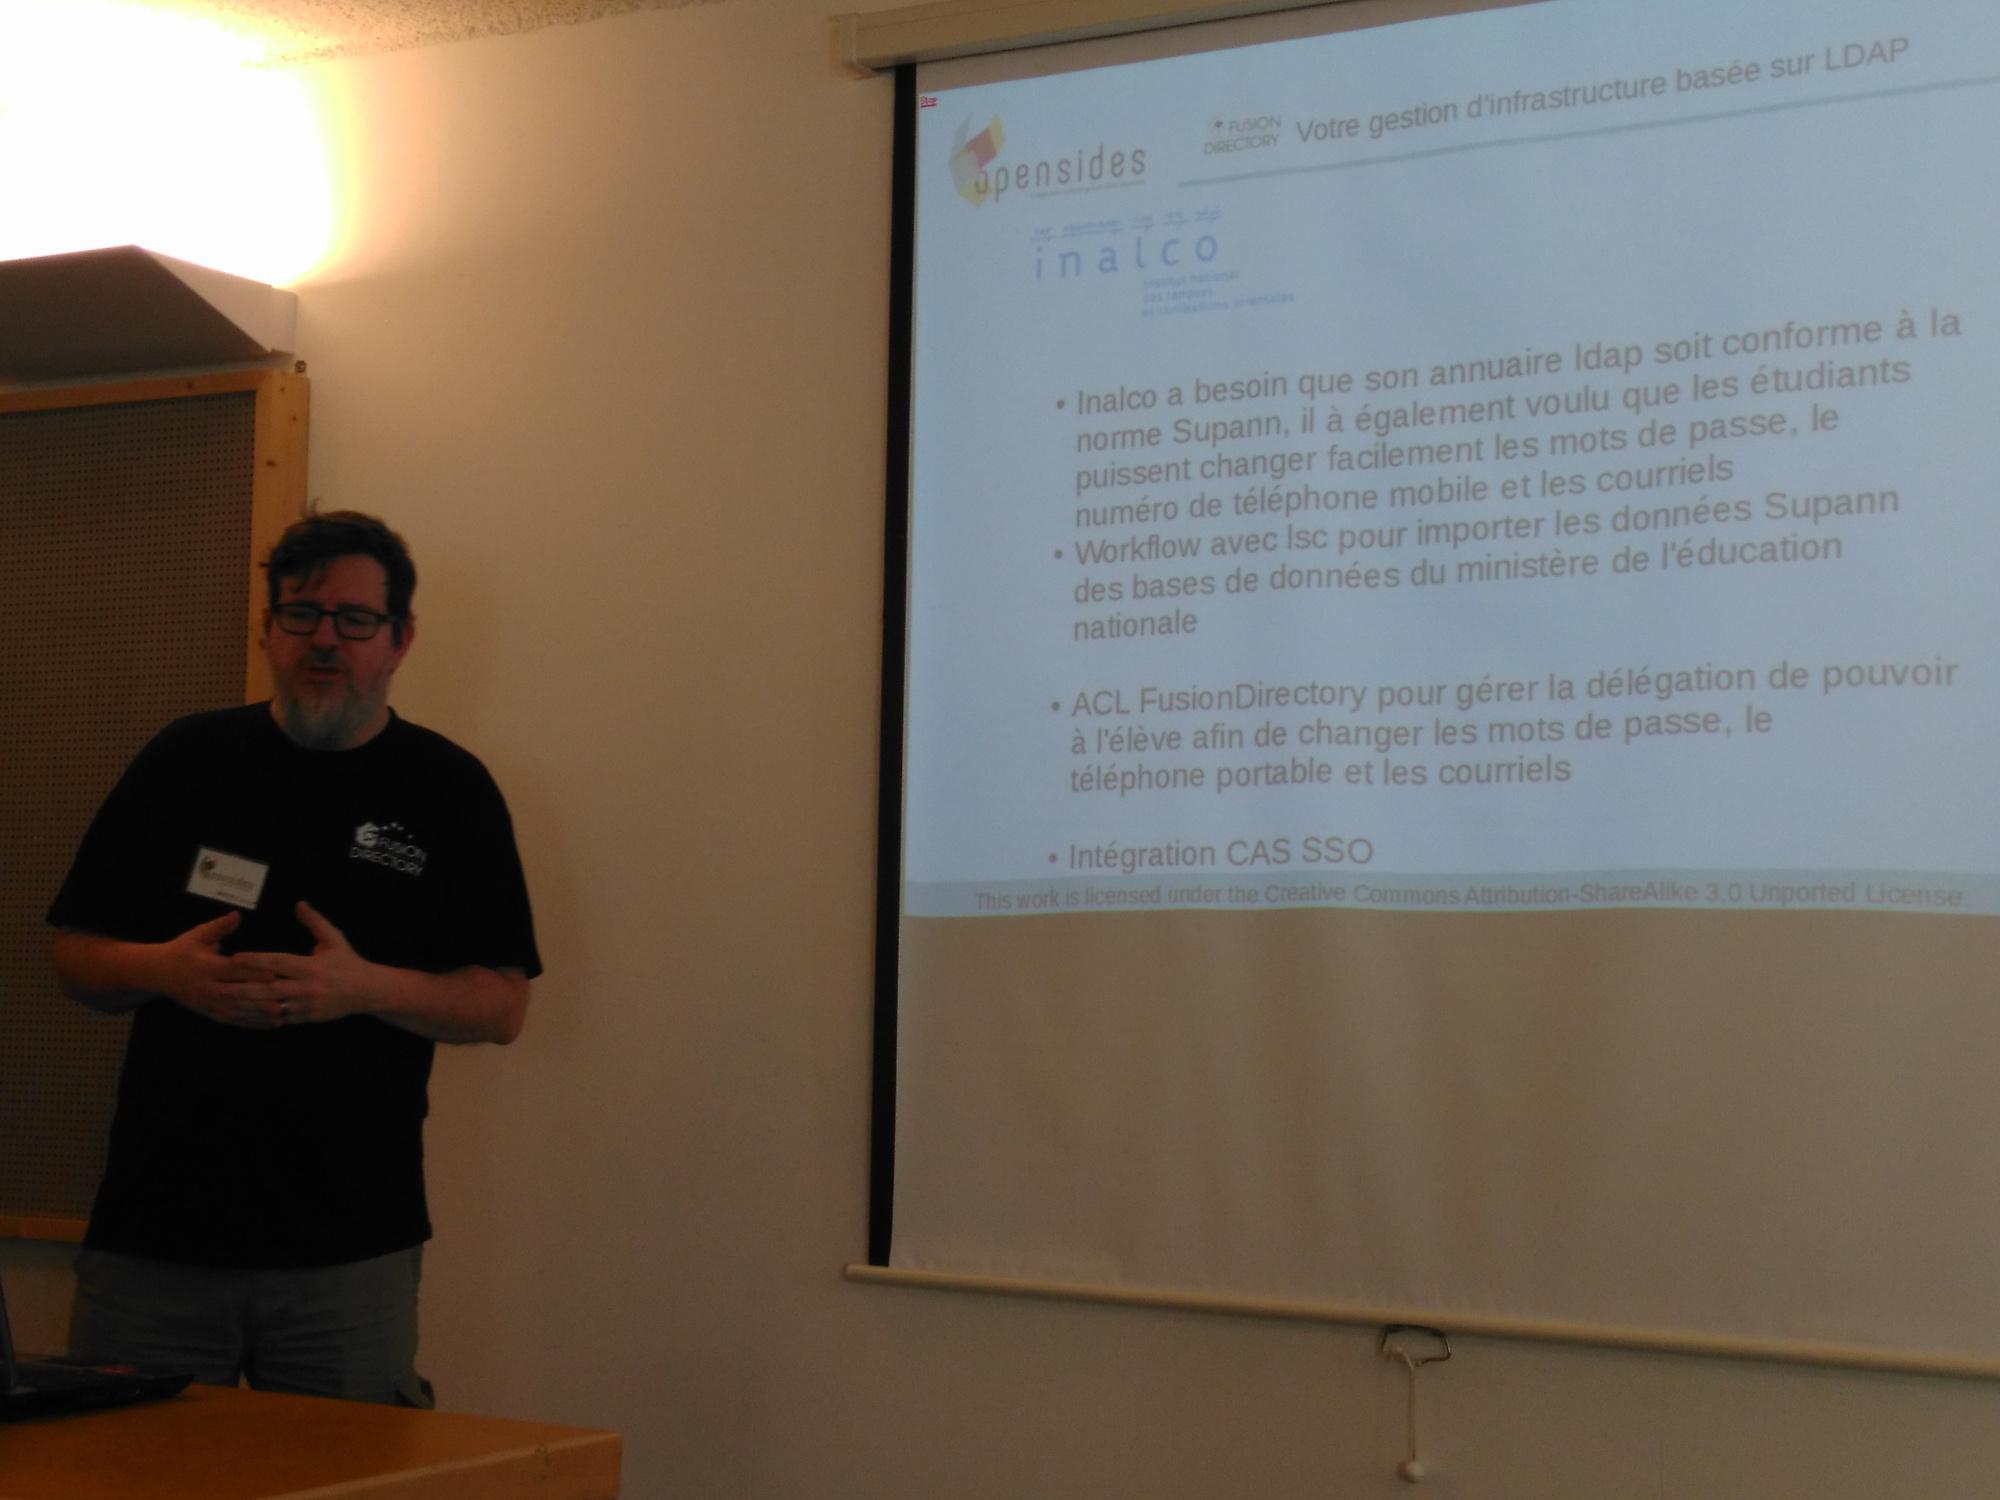 Benoit Mortier présente le cas concret de l'inalco